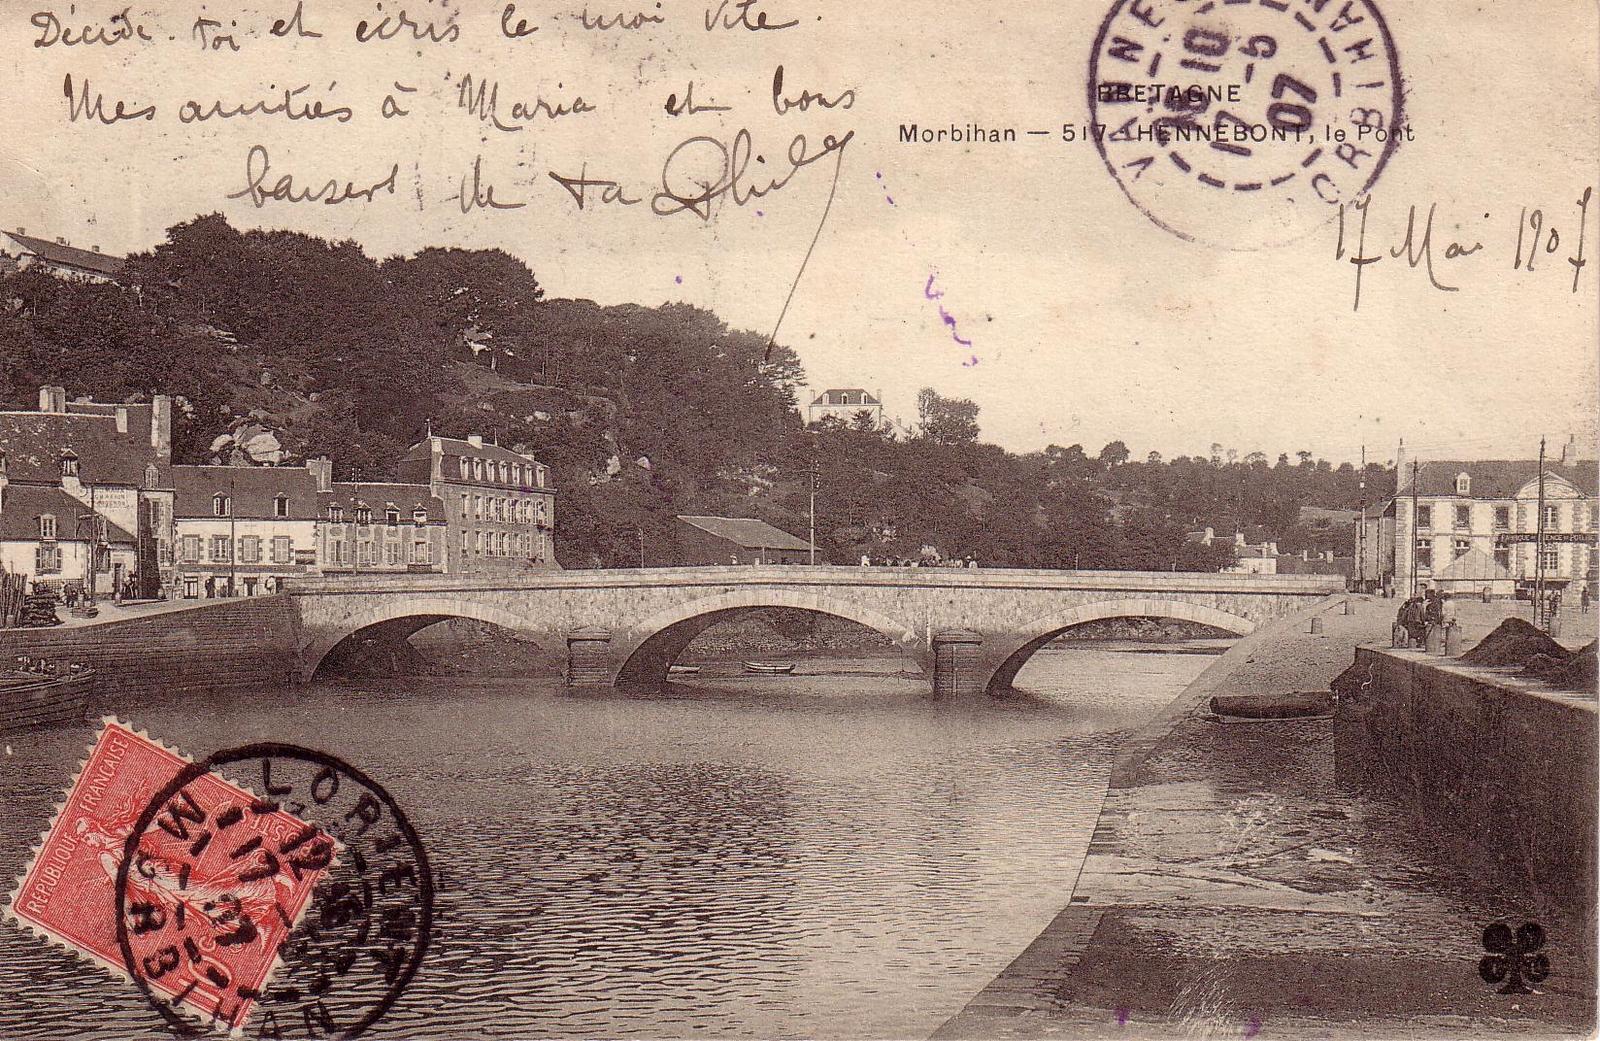 Ville D'hennebont, La Mairie D'hennebont Et Sa Commune (56700) avec Horaire Piscine Hennebont